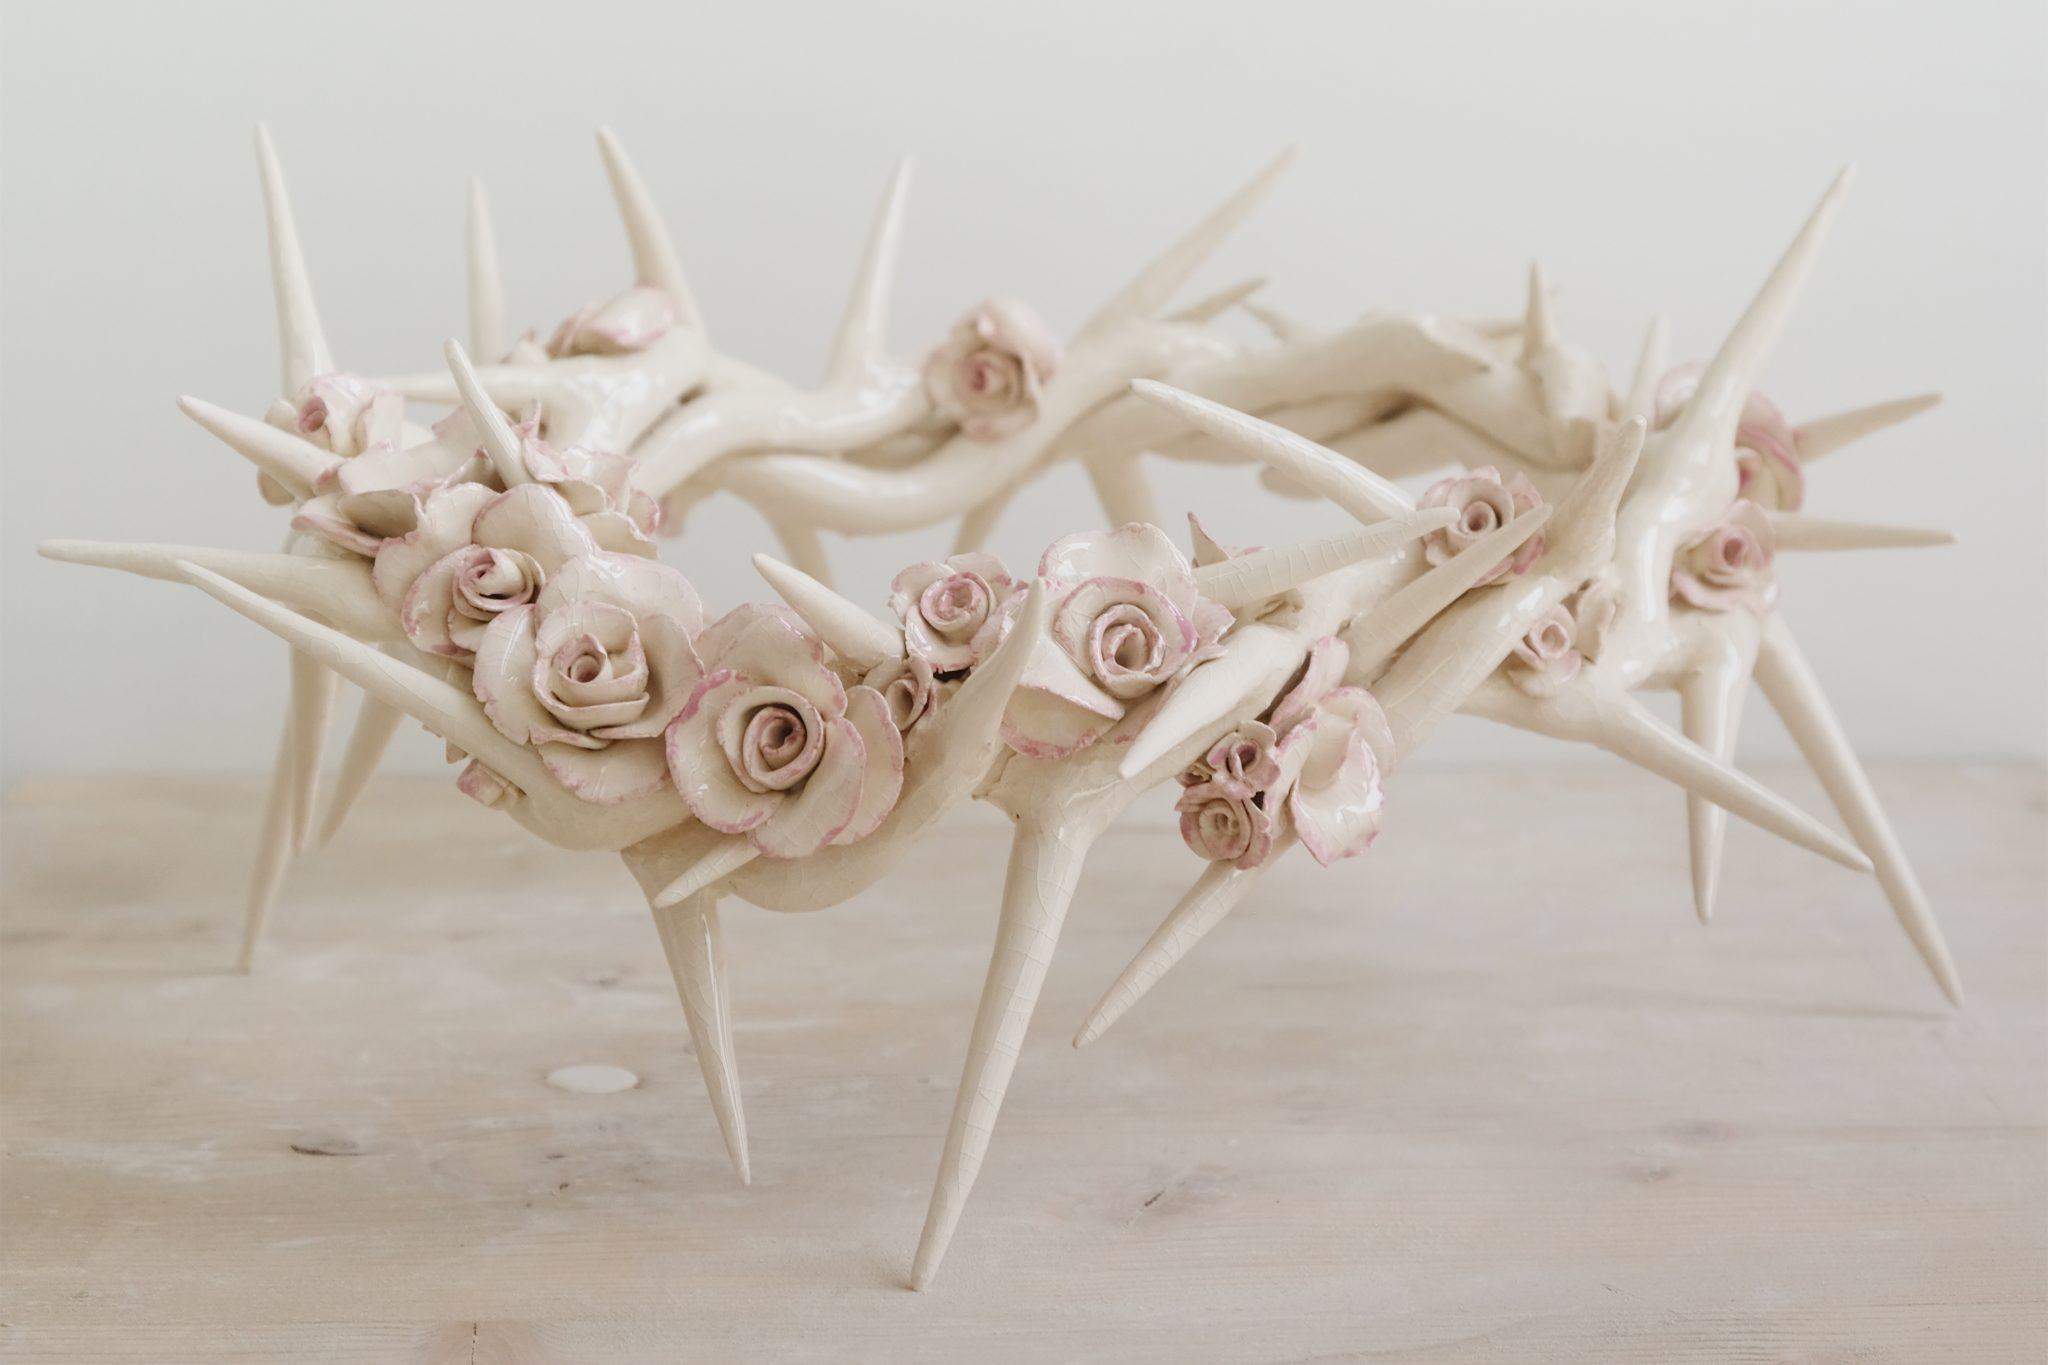 LIFE VEST UNDER YOUR SEAT - Fabio Ricciardiello, Corona fiorita, ceramica, Faenza, S.Maria dell'Angelo